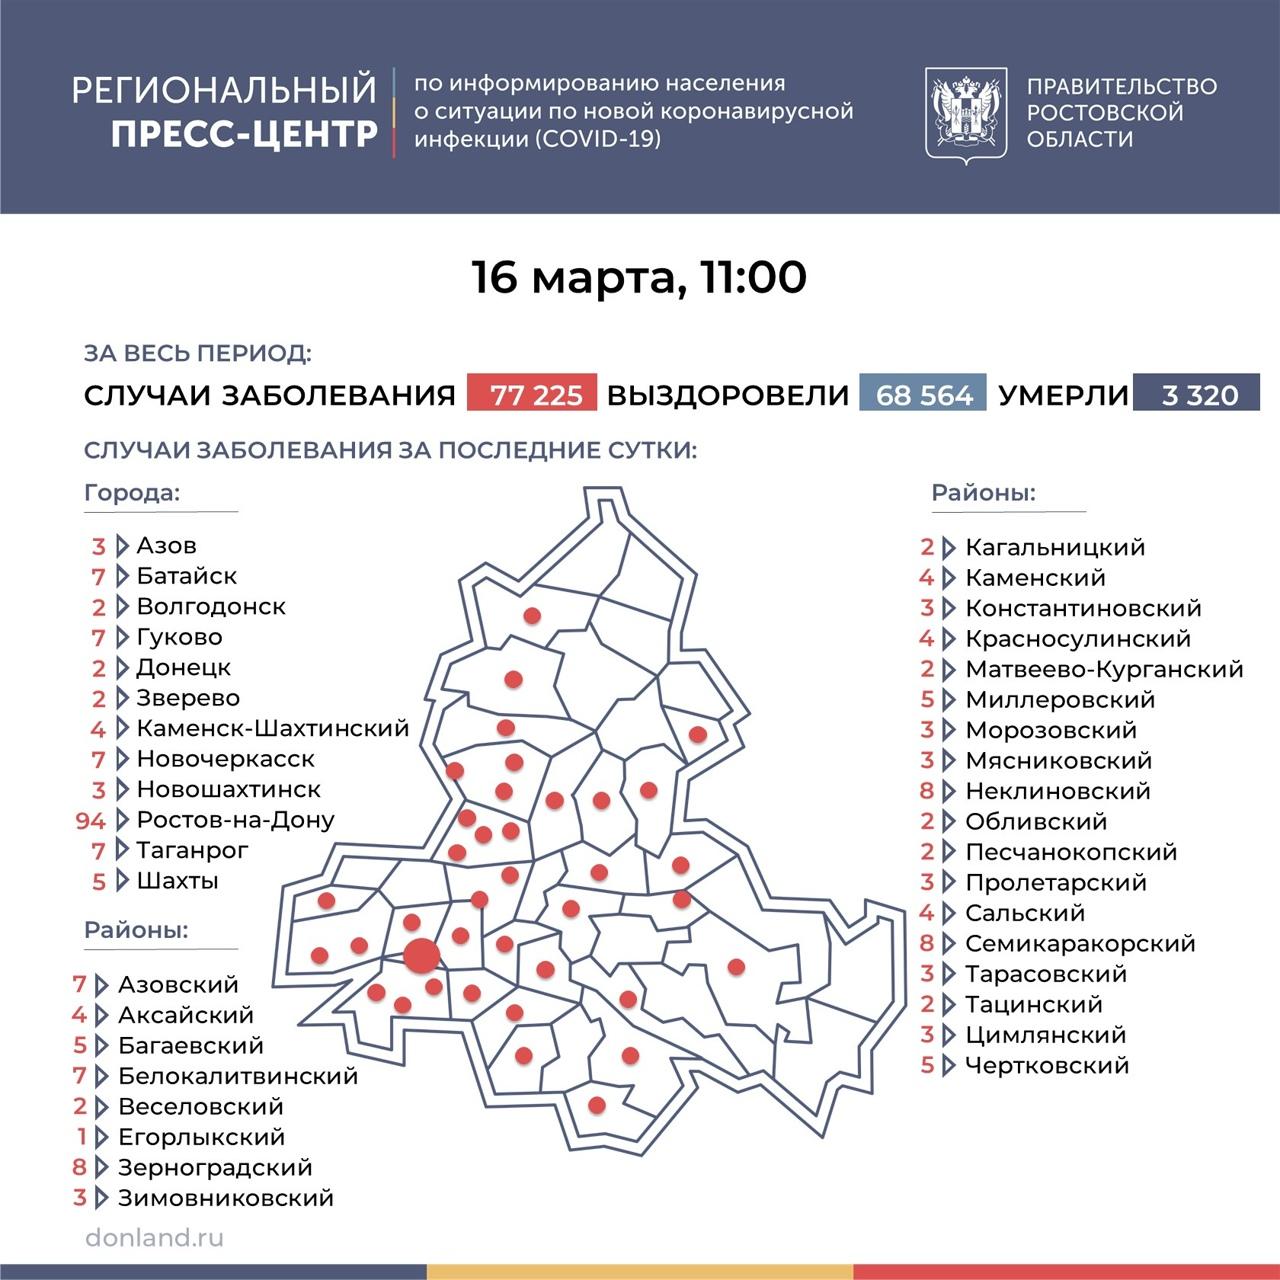 На Дону число инфицированных COVID-19 снизилось до 246, в Таганроге 7 новых случаев